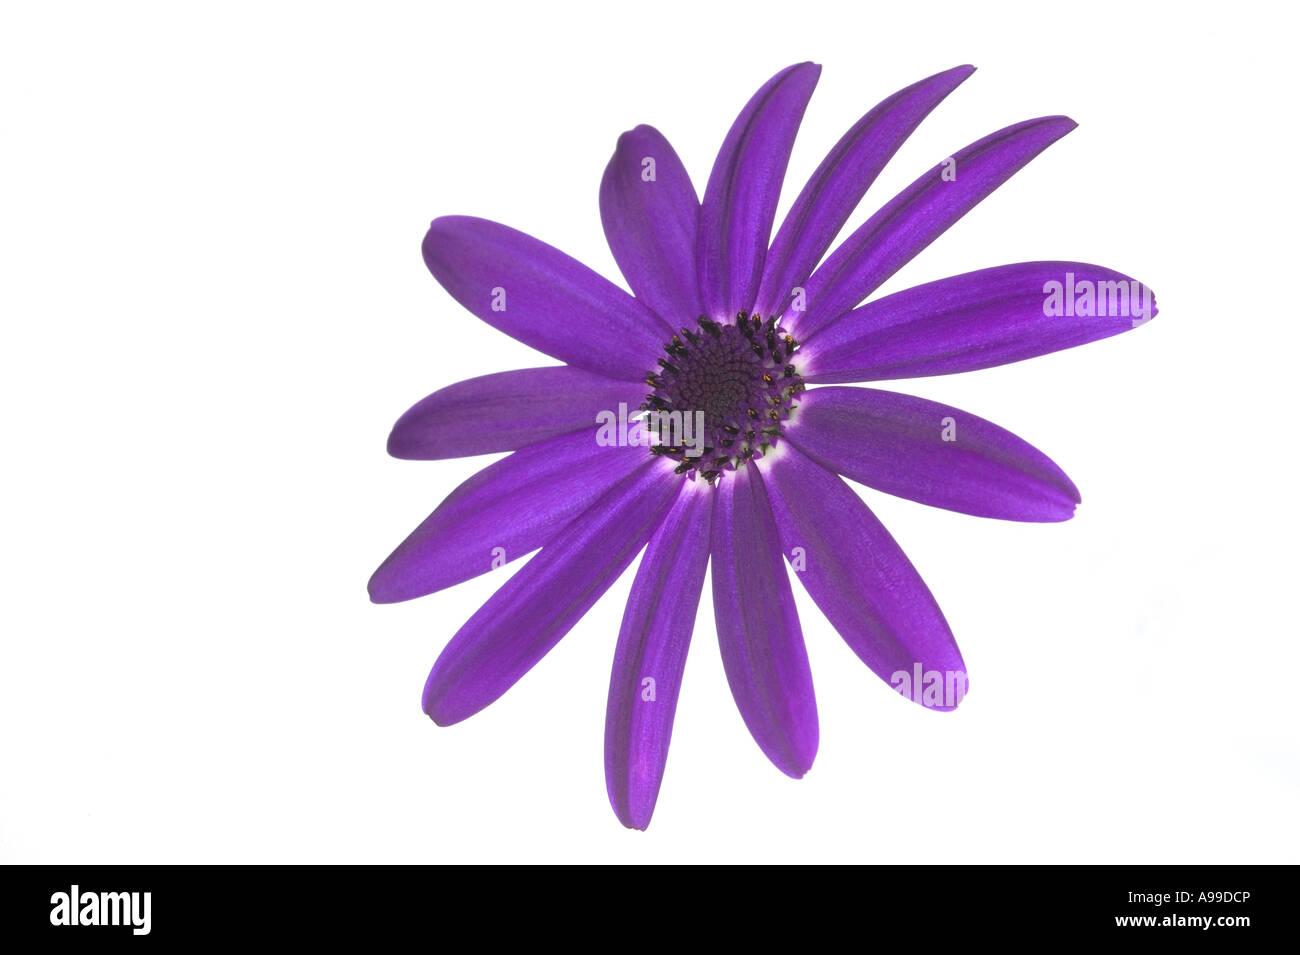 Flower Senetti Deep Blue isolated on white - Stock Image